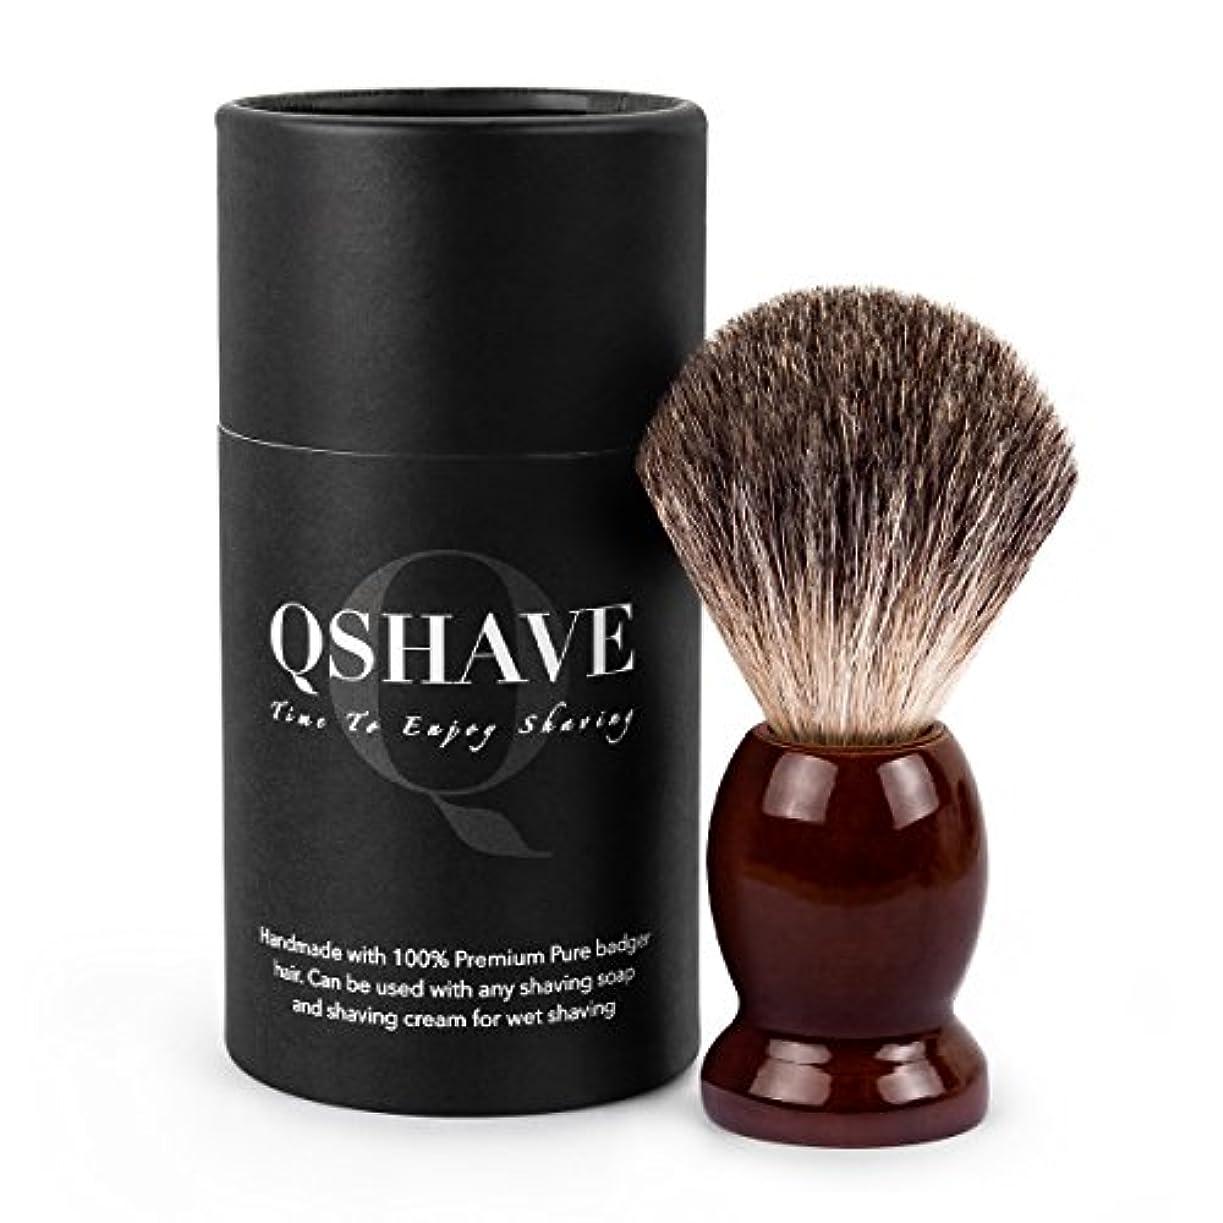 変わる摘むライブQSHAVE 100%最高級アナグマ毛オリジナルハンドメイドシェービングブラシ。木製ベース。ウェットシェービング、安全カミソリ、両刃カミソリに最適